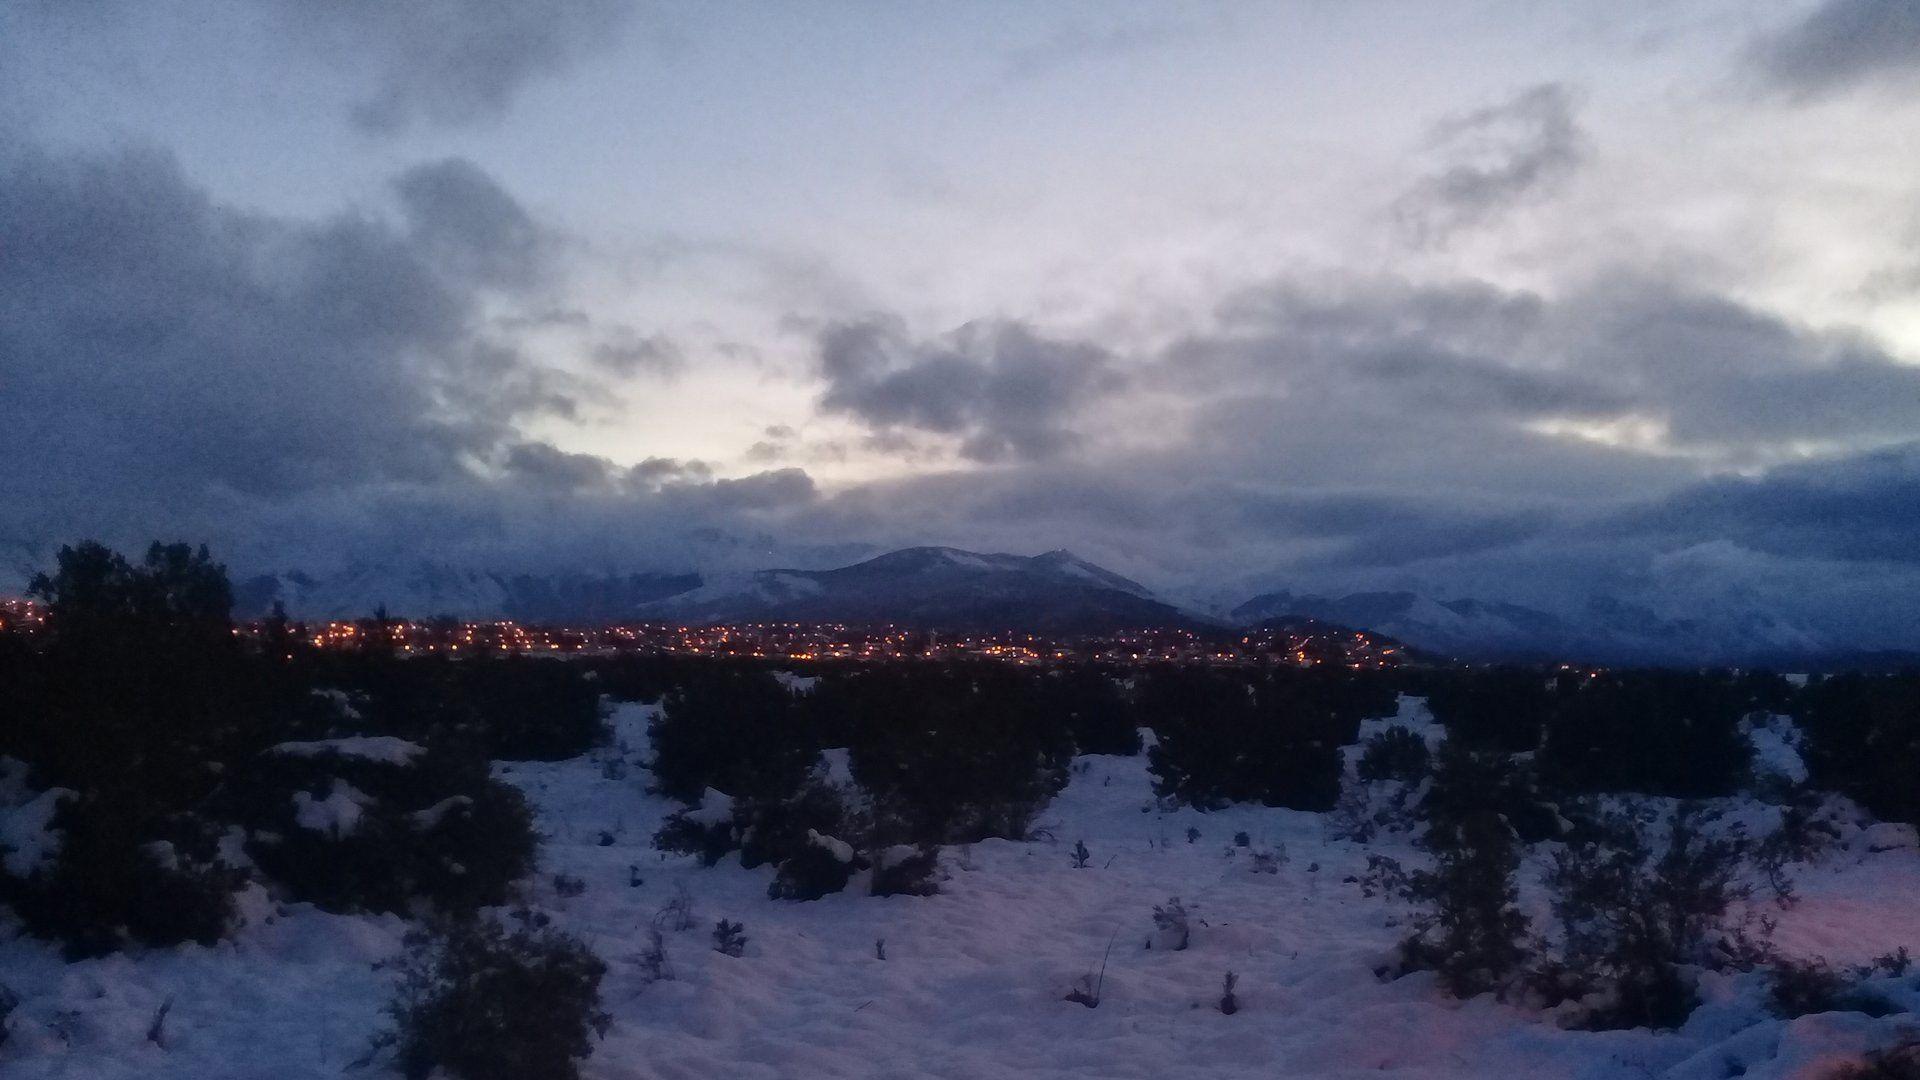 El temporal de nieve afectó a uno de los principales destinos turísticos del invierno (@NannoCepe)